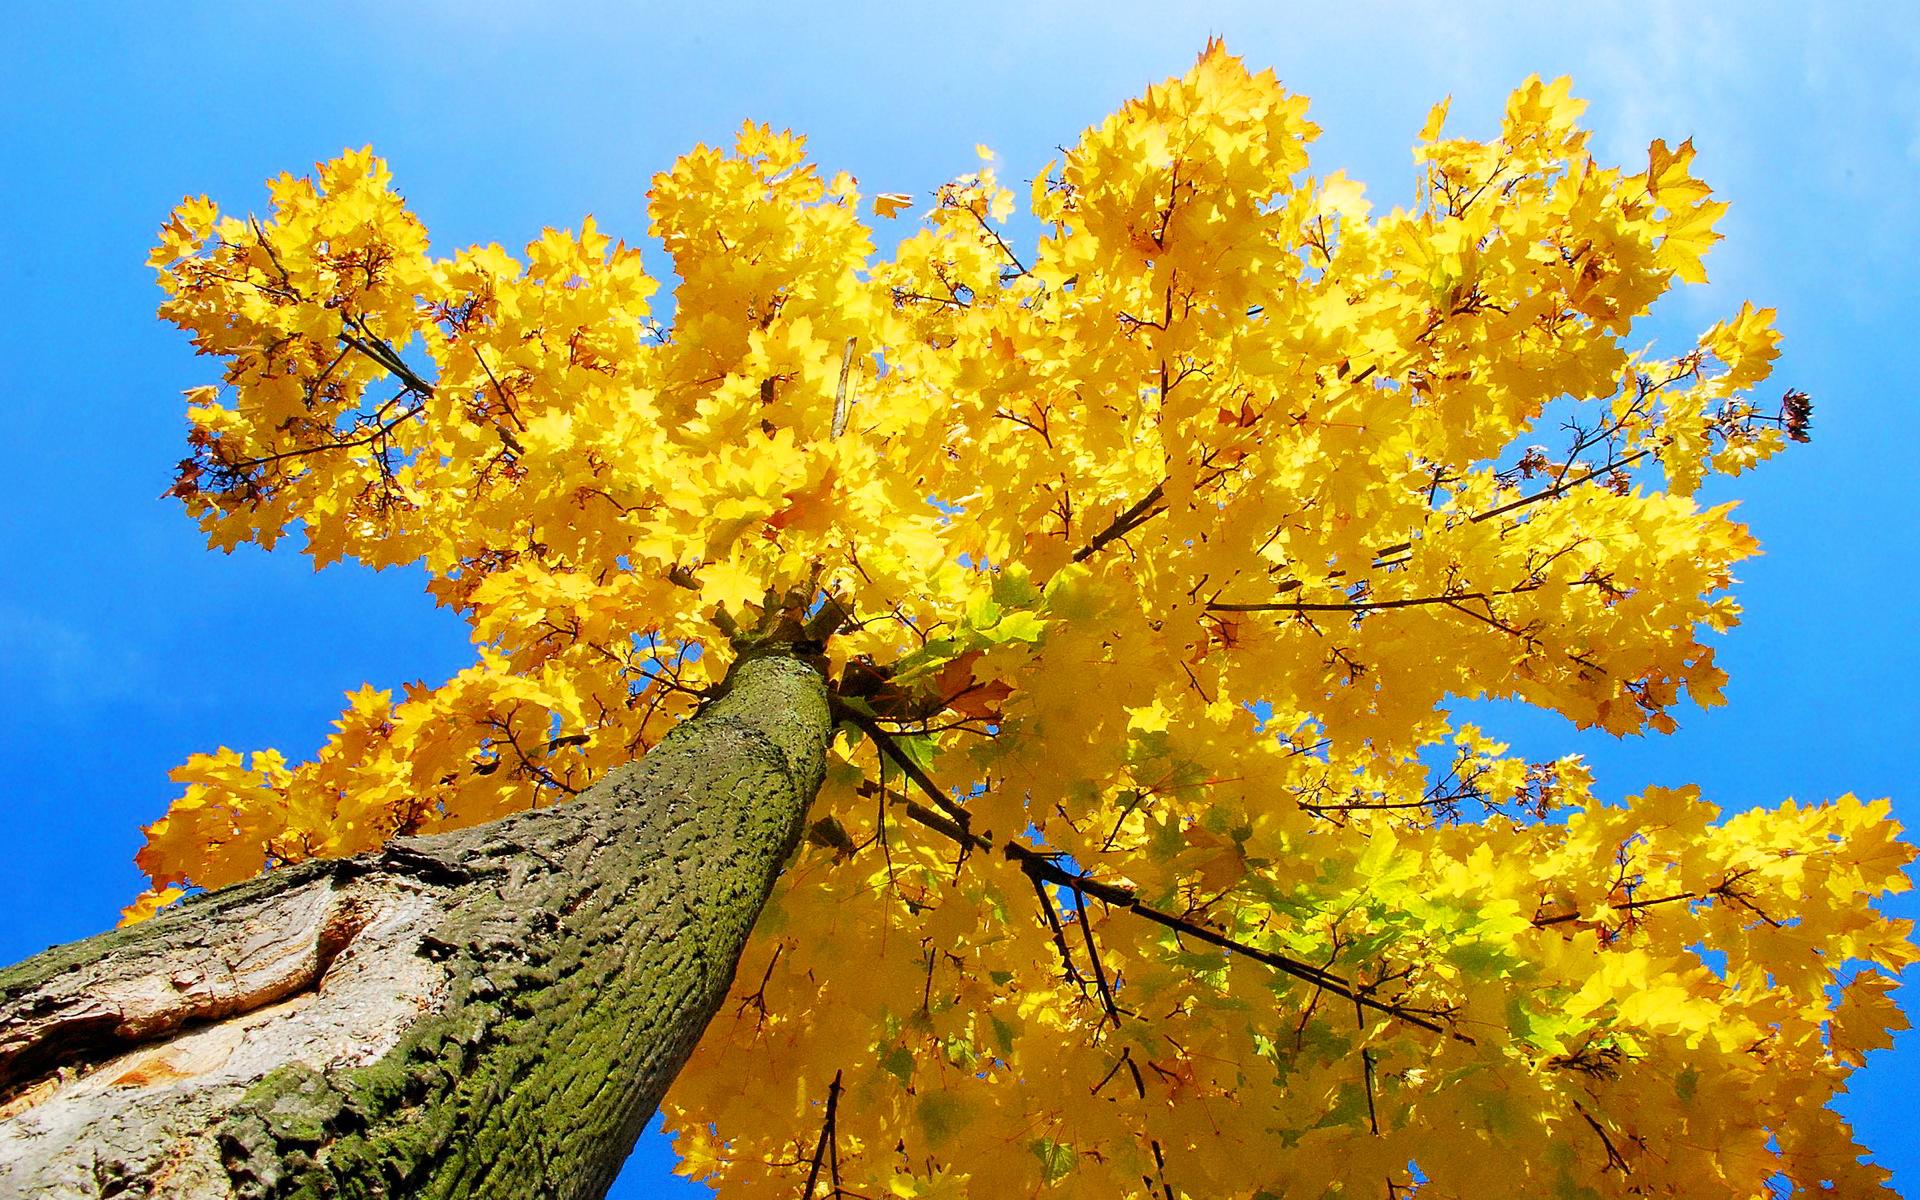 Yellow maple tree autumn